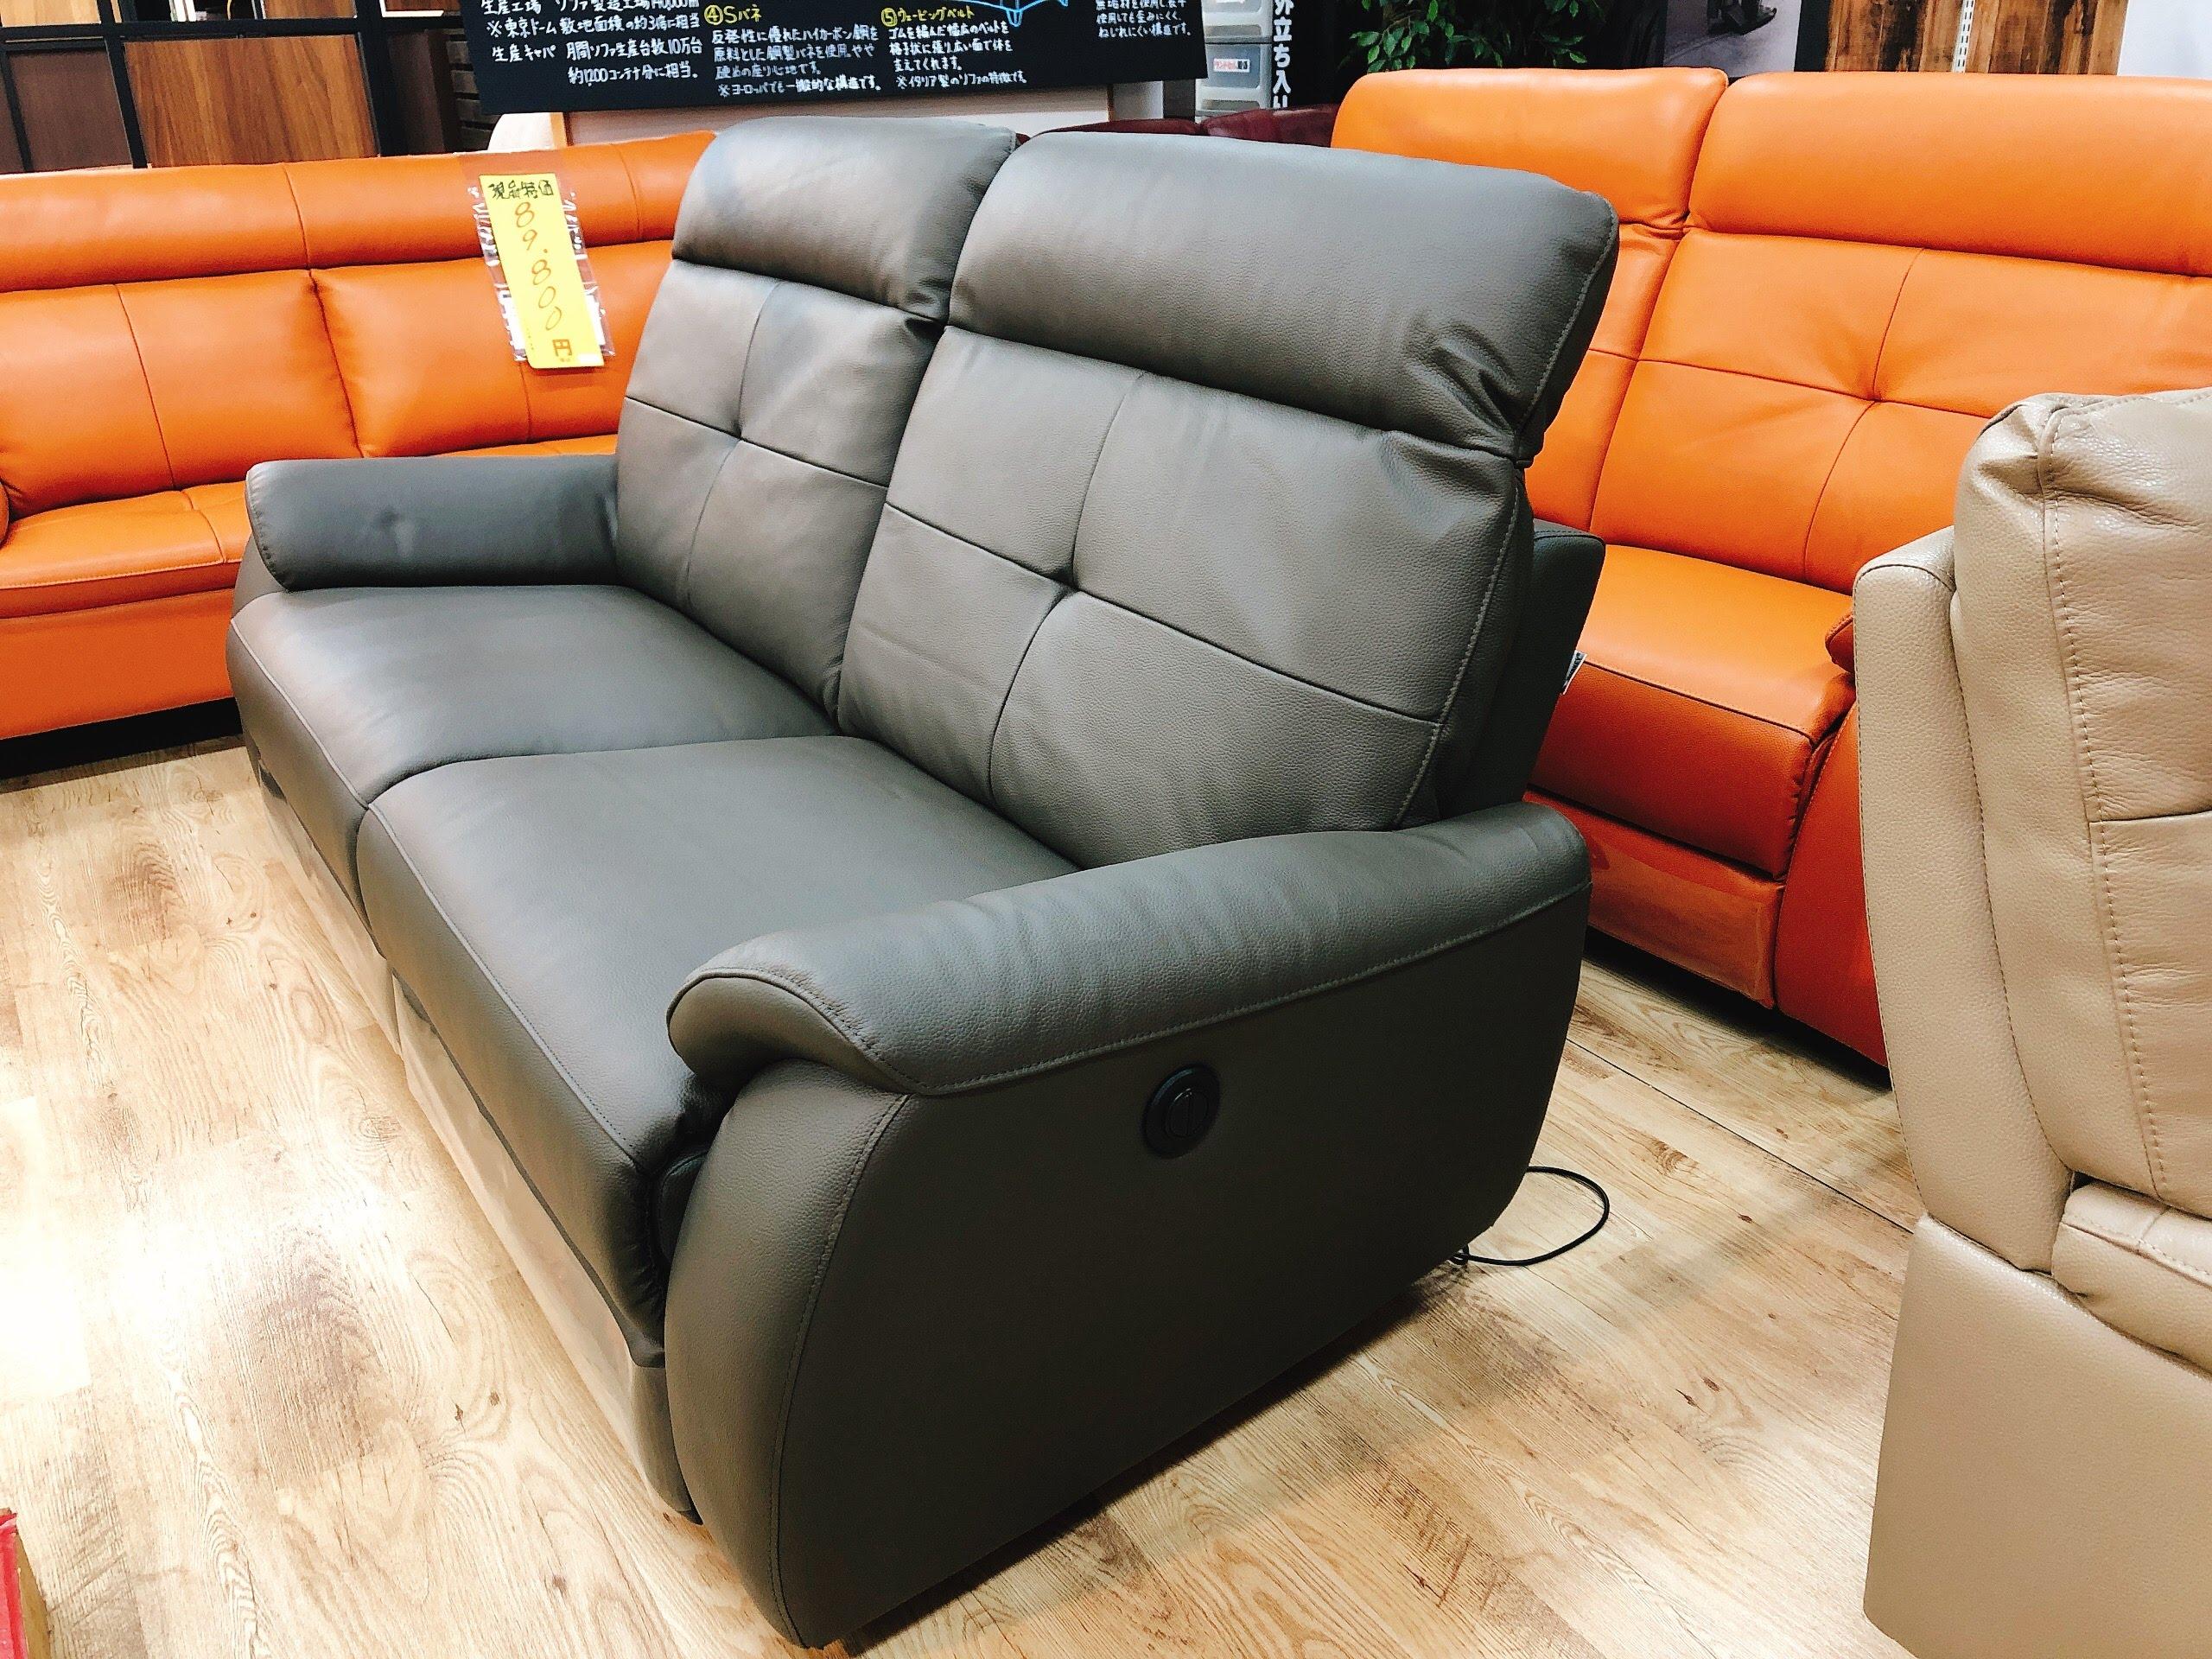 イタリア厚革 電動リクライニングソファー グレー色とオレンジ色 各一台限りの画像2